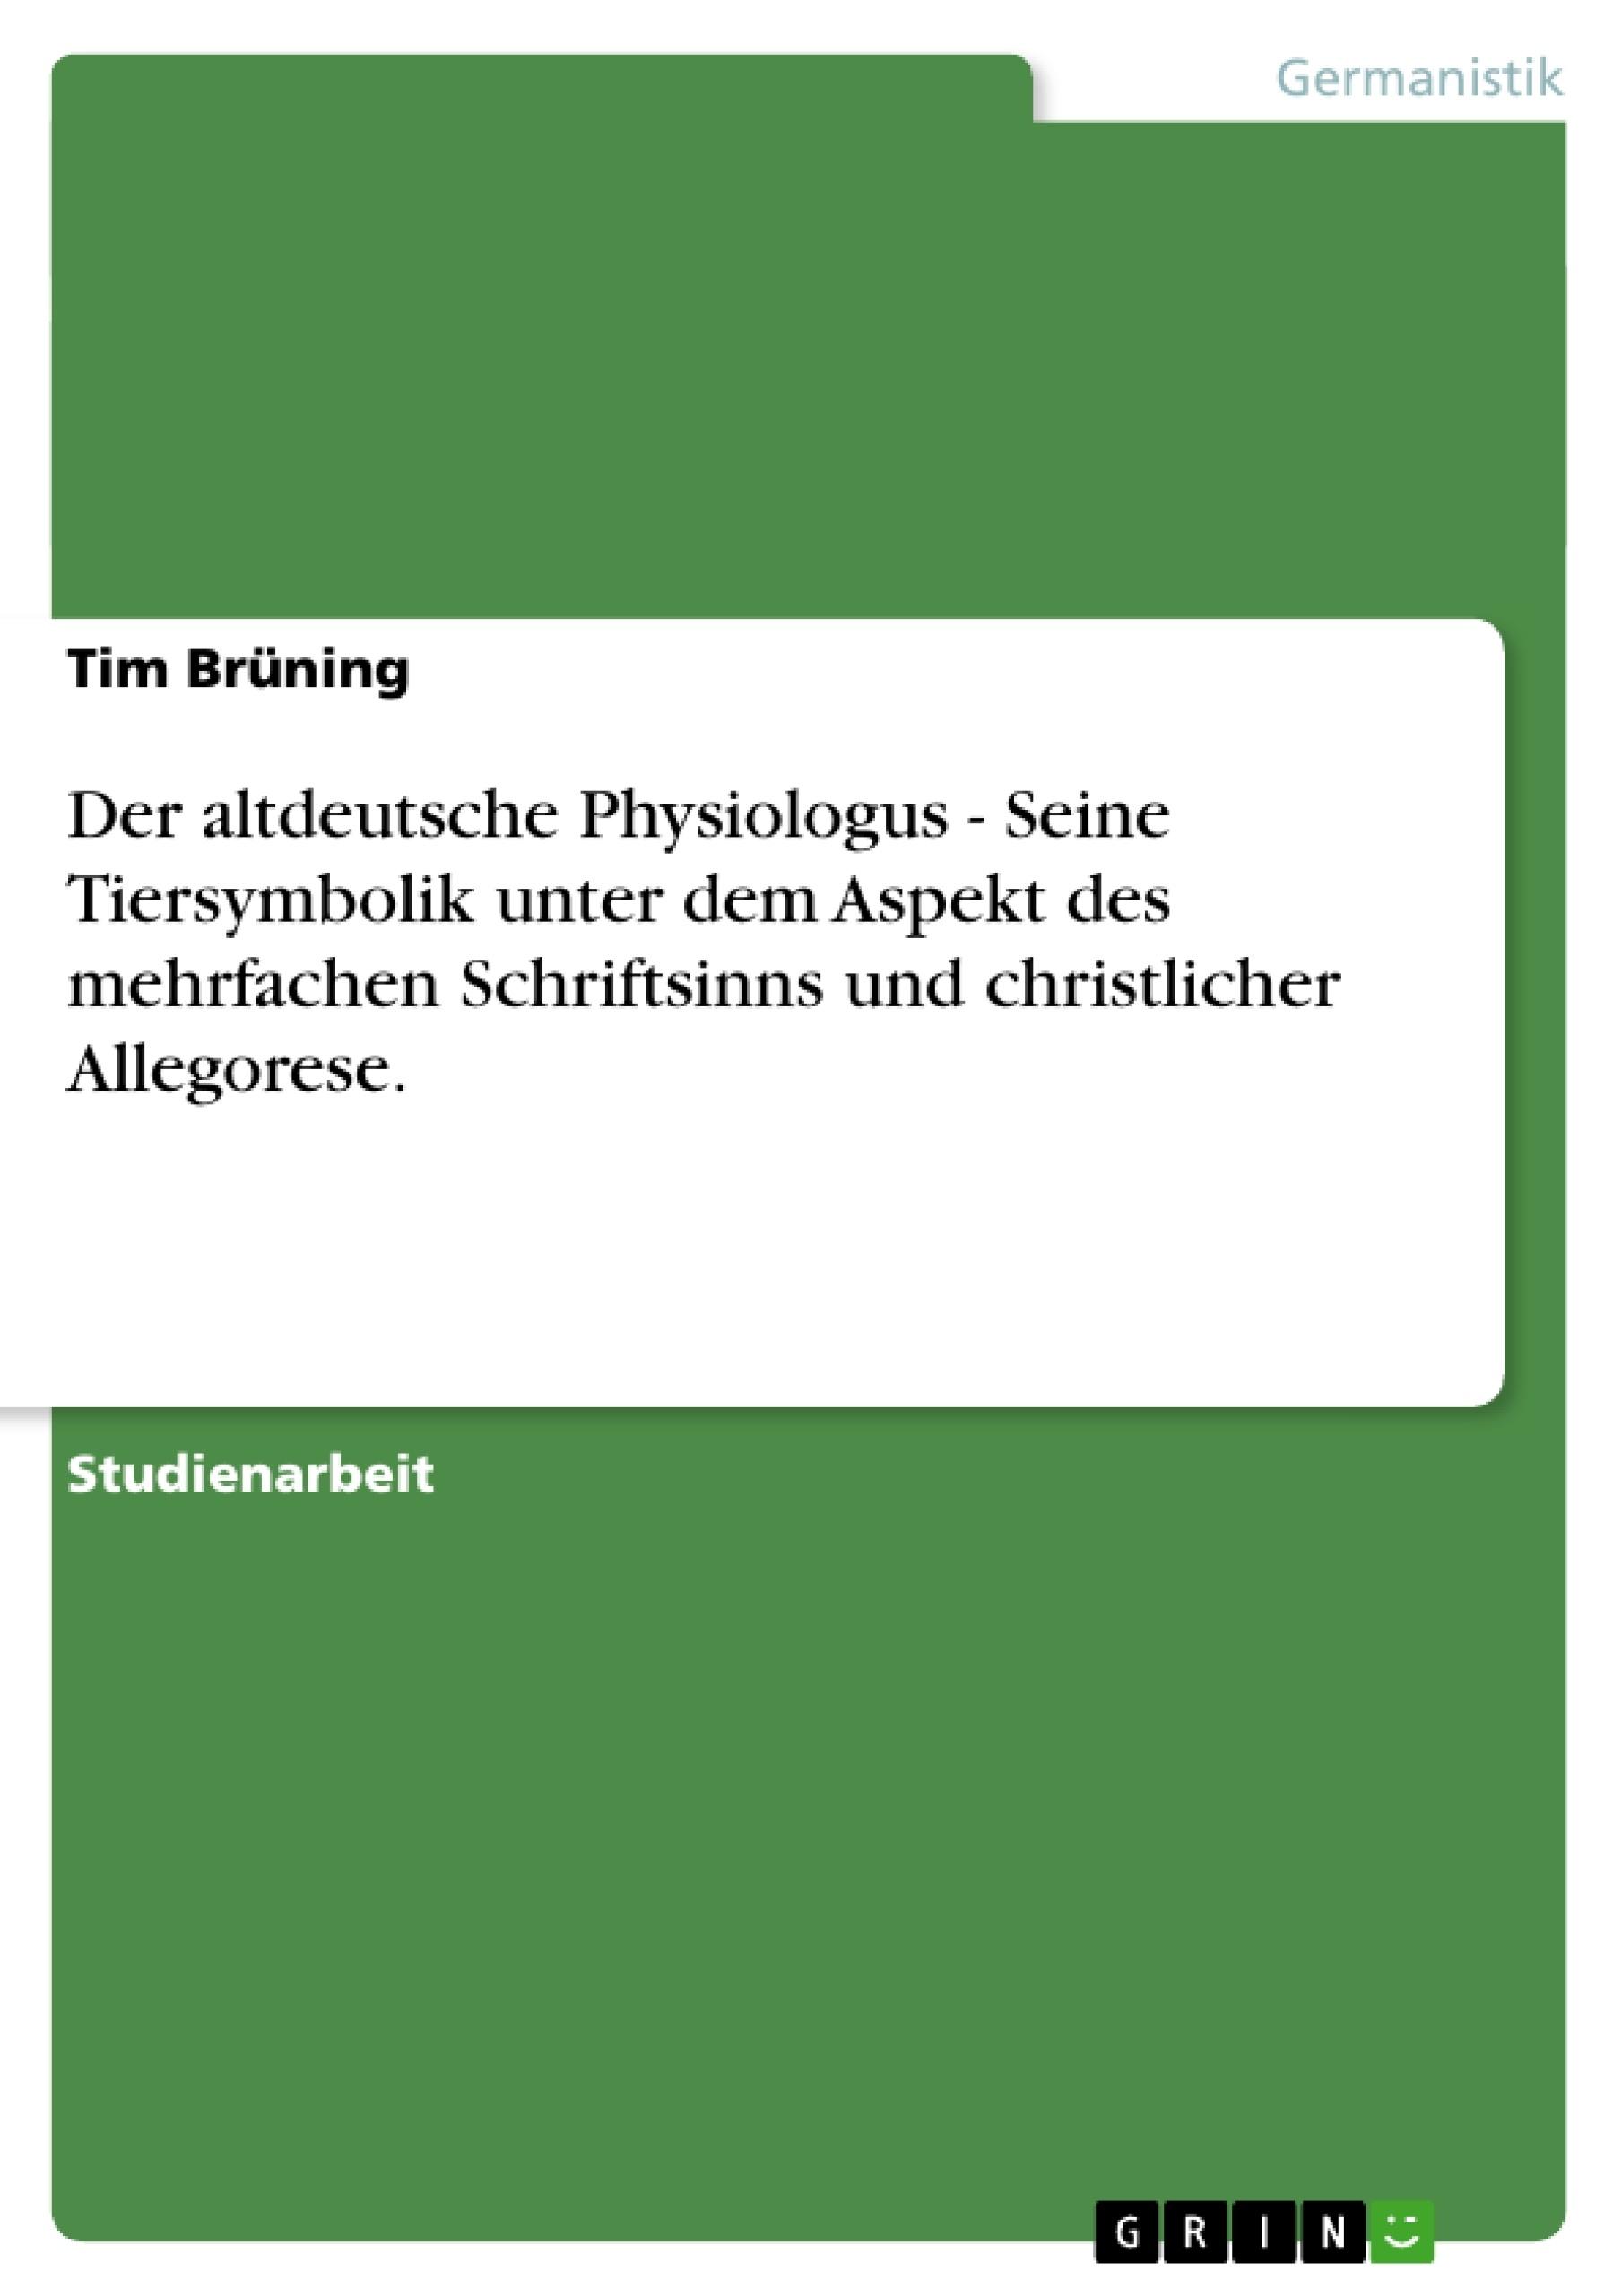 Titel: Der altdeutsche Physiologus - Seine Tiersymbolik unter dem Aspekt des mehrfachen Schriftsinns und christlicher Allegorese.